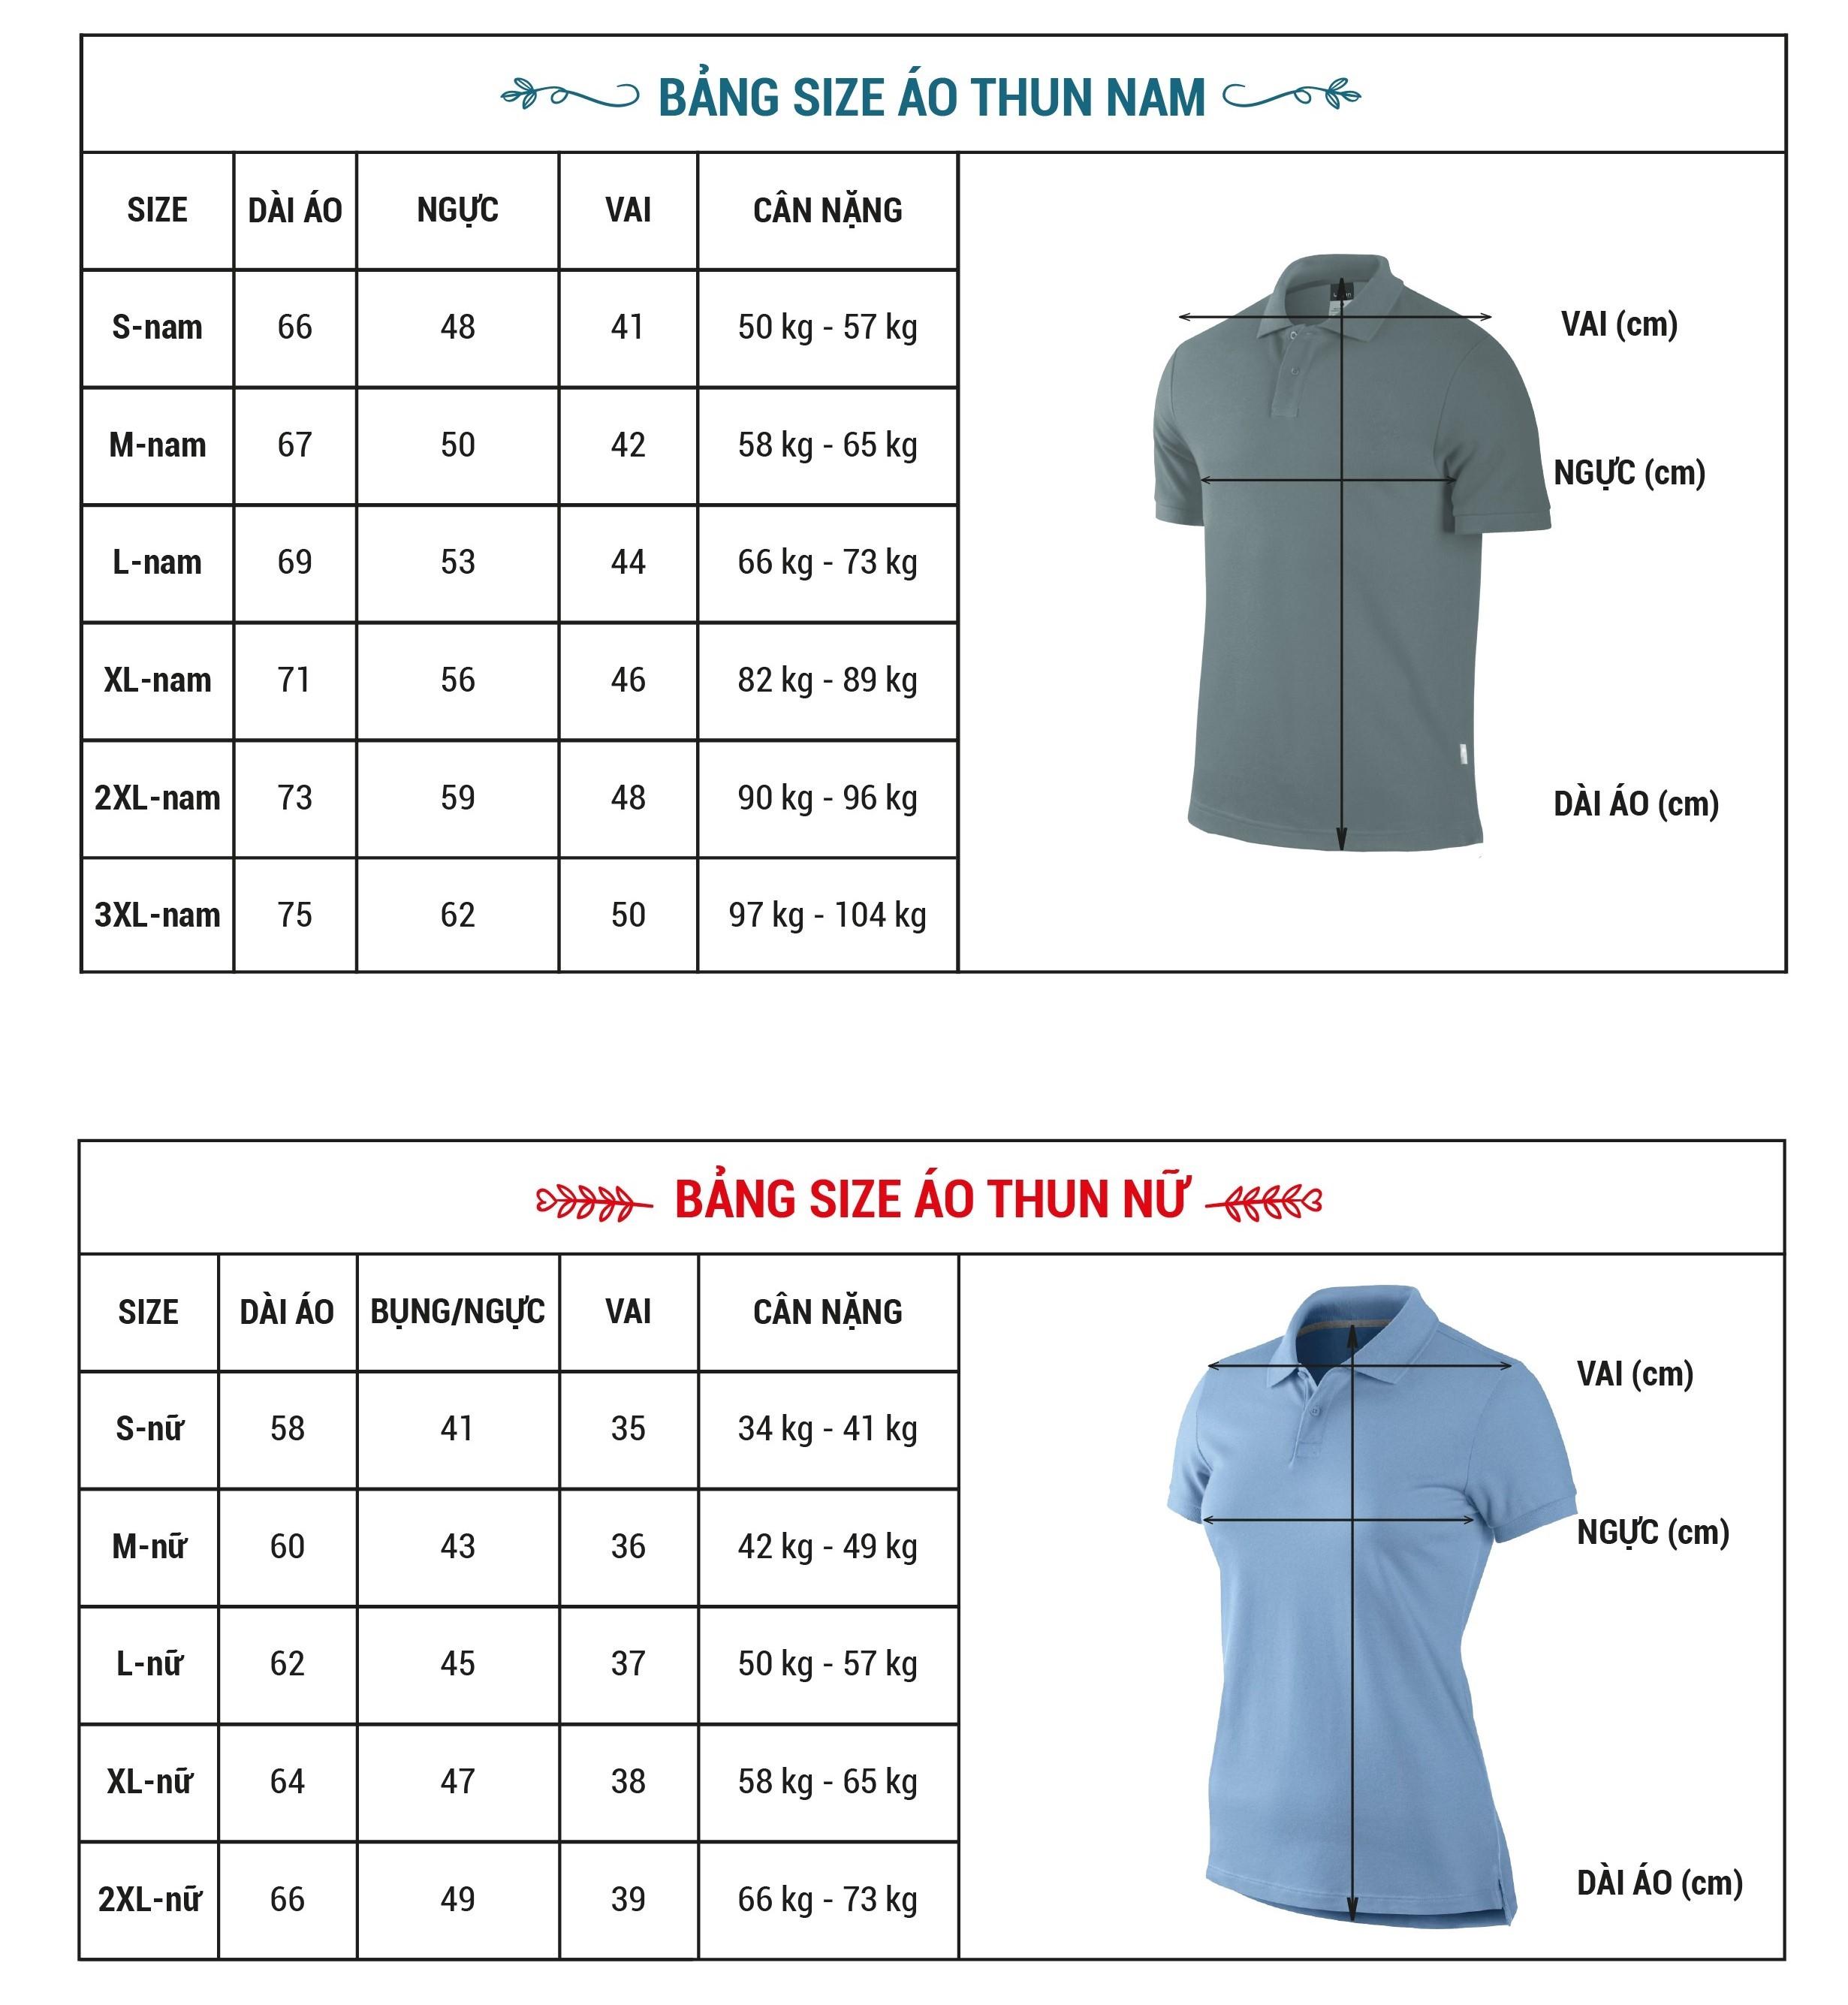 Chọn size áo thun đồng phục lớp dựa trên thông số size